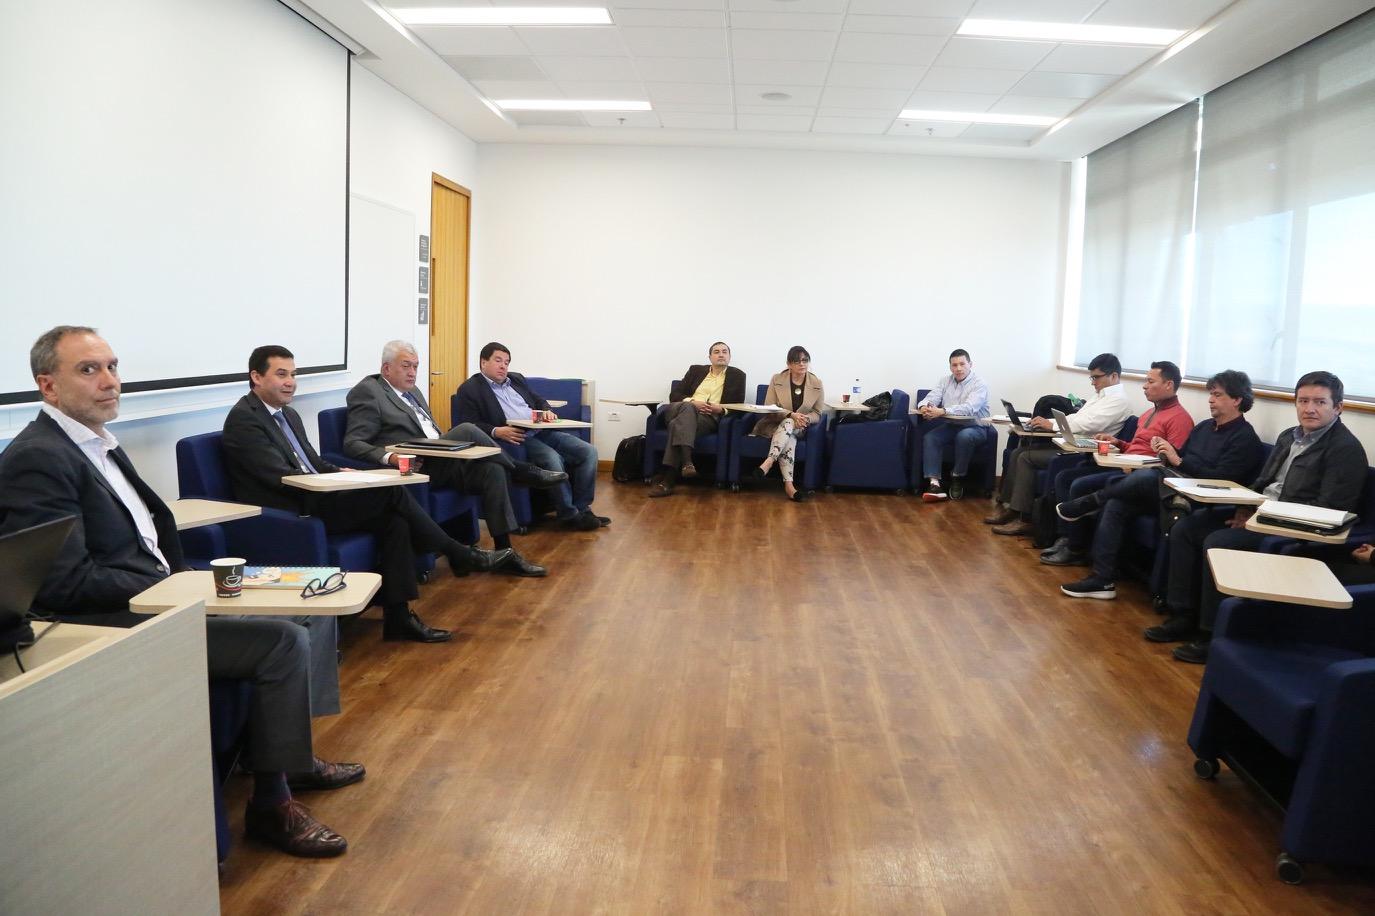 Seminario Estrategia - Doctorado en Administración 9